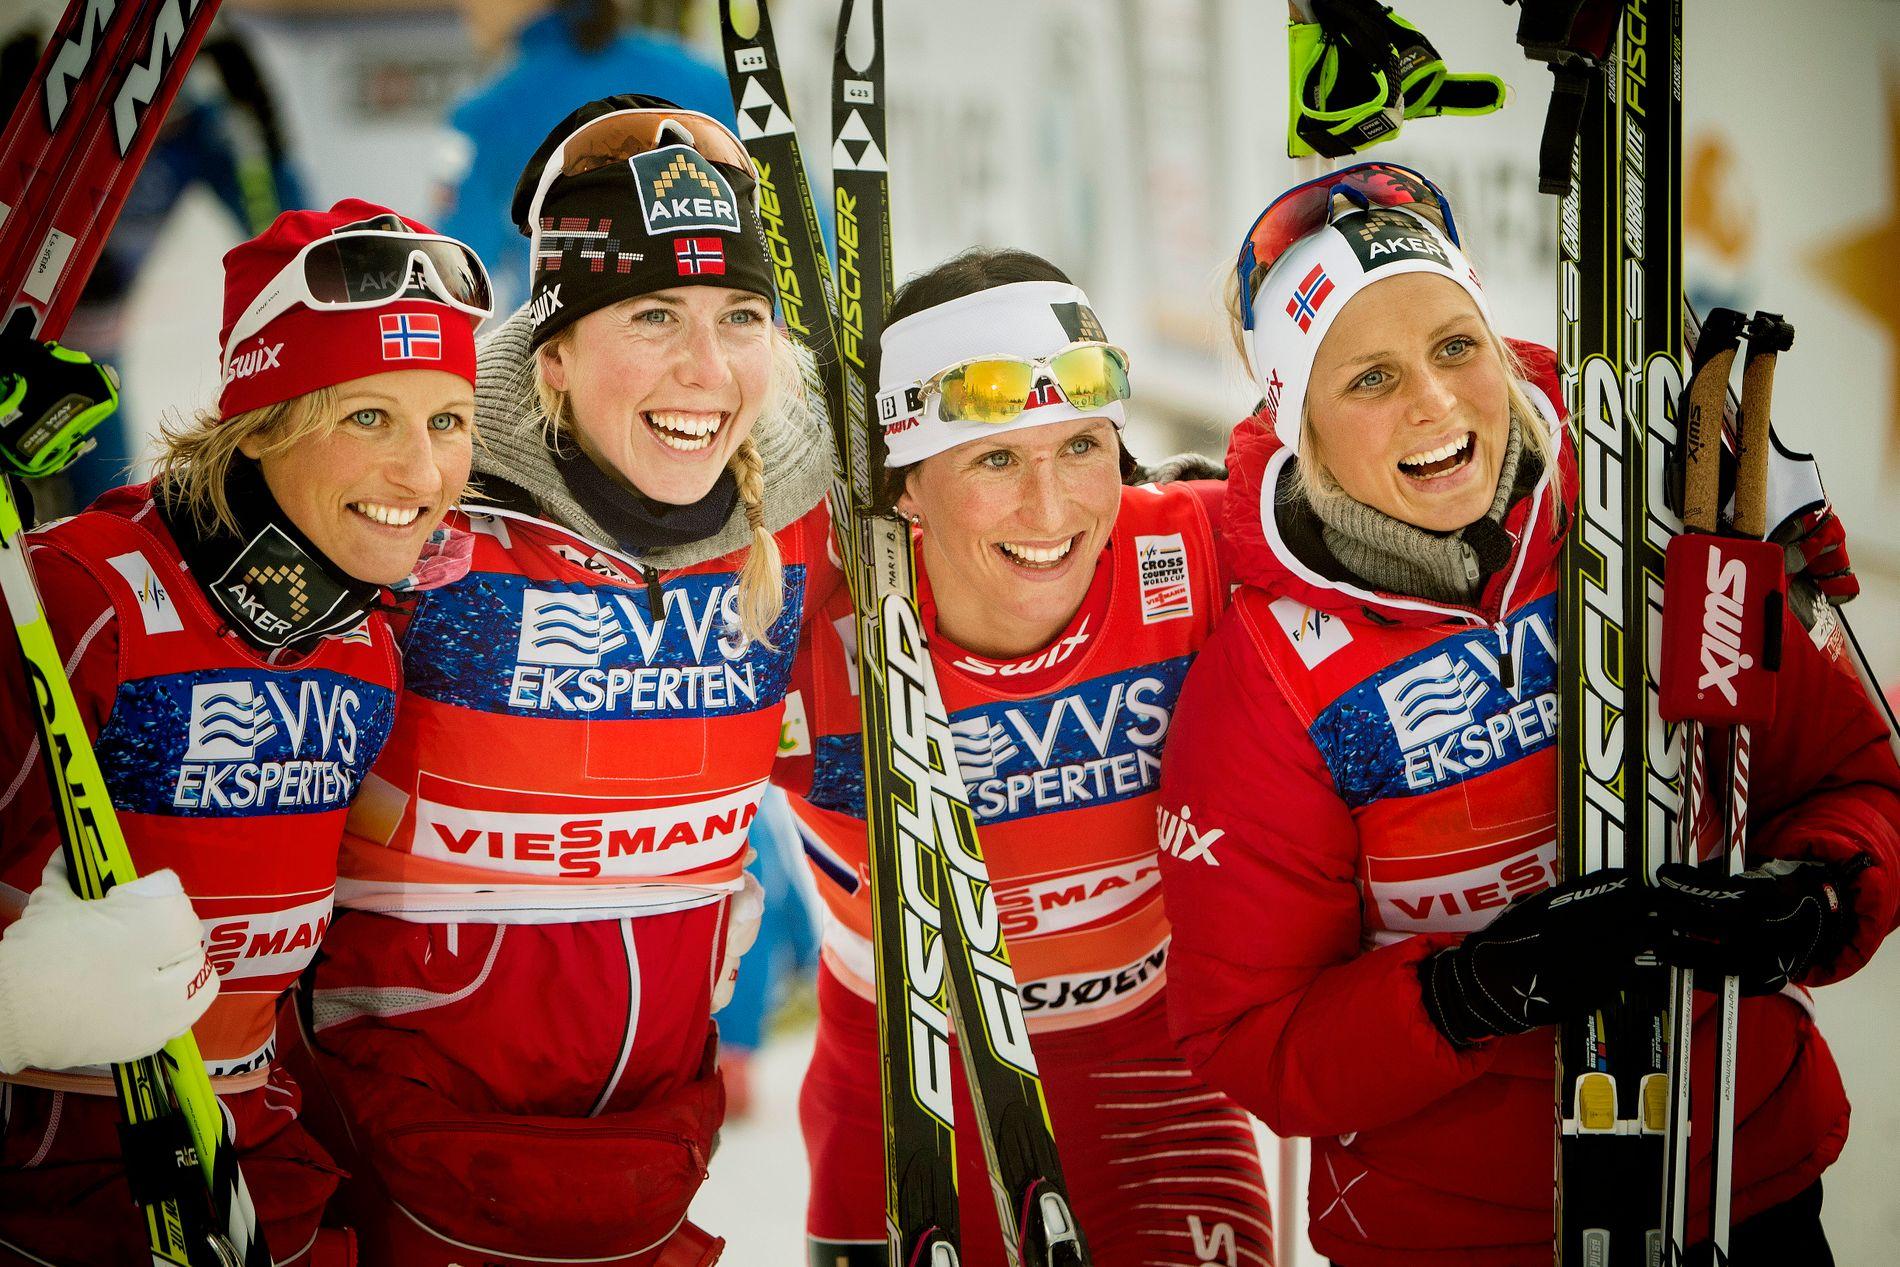 SKIHELTINNE: Vibeke Skofterud, her fra sesongstarten på Sjusjøen i 2011, sammen med Kristin Størmer Steira, Marit Bjørgen og Therese Johaug.